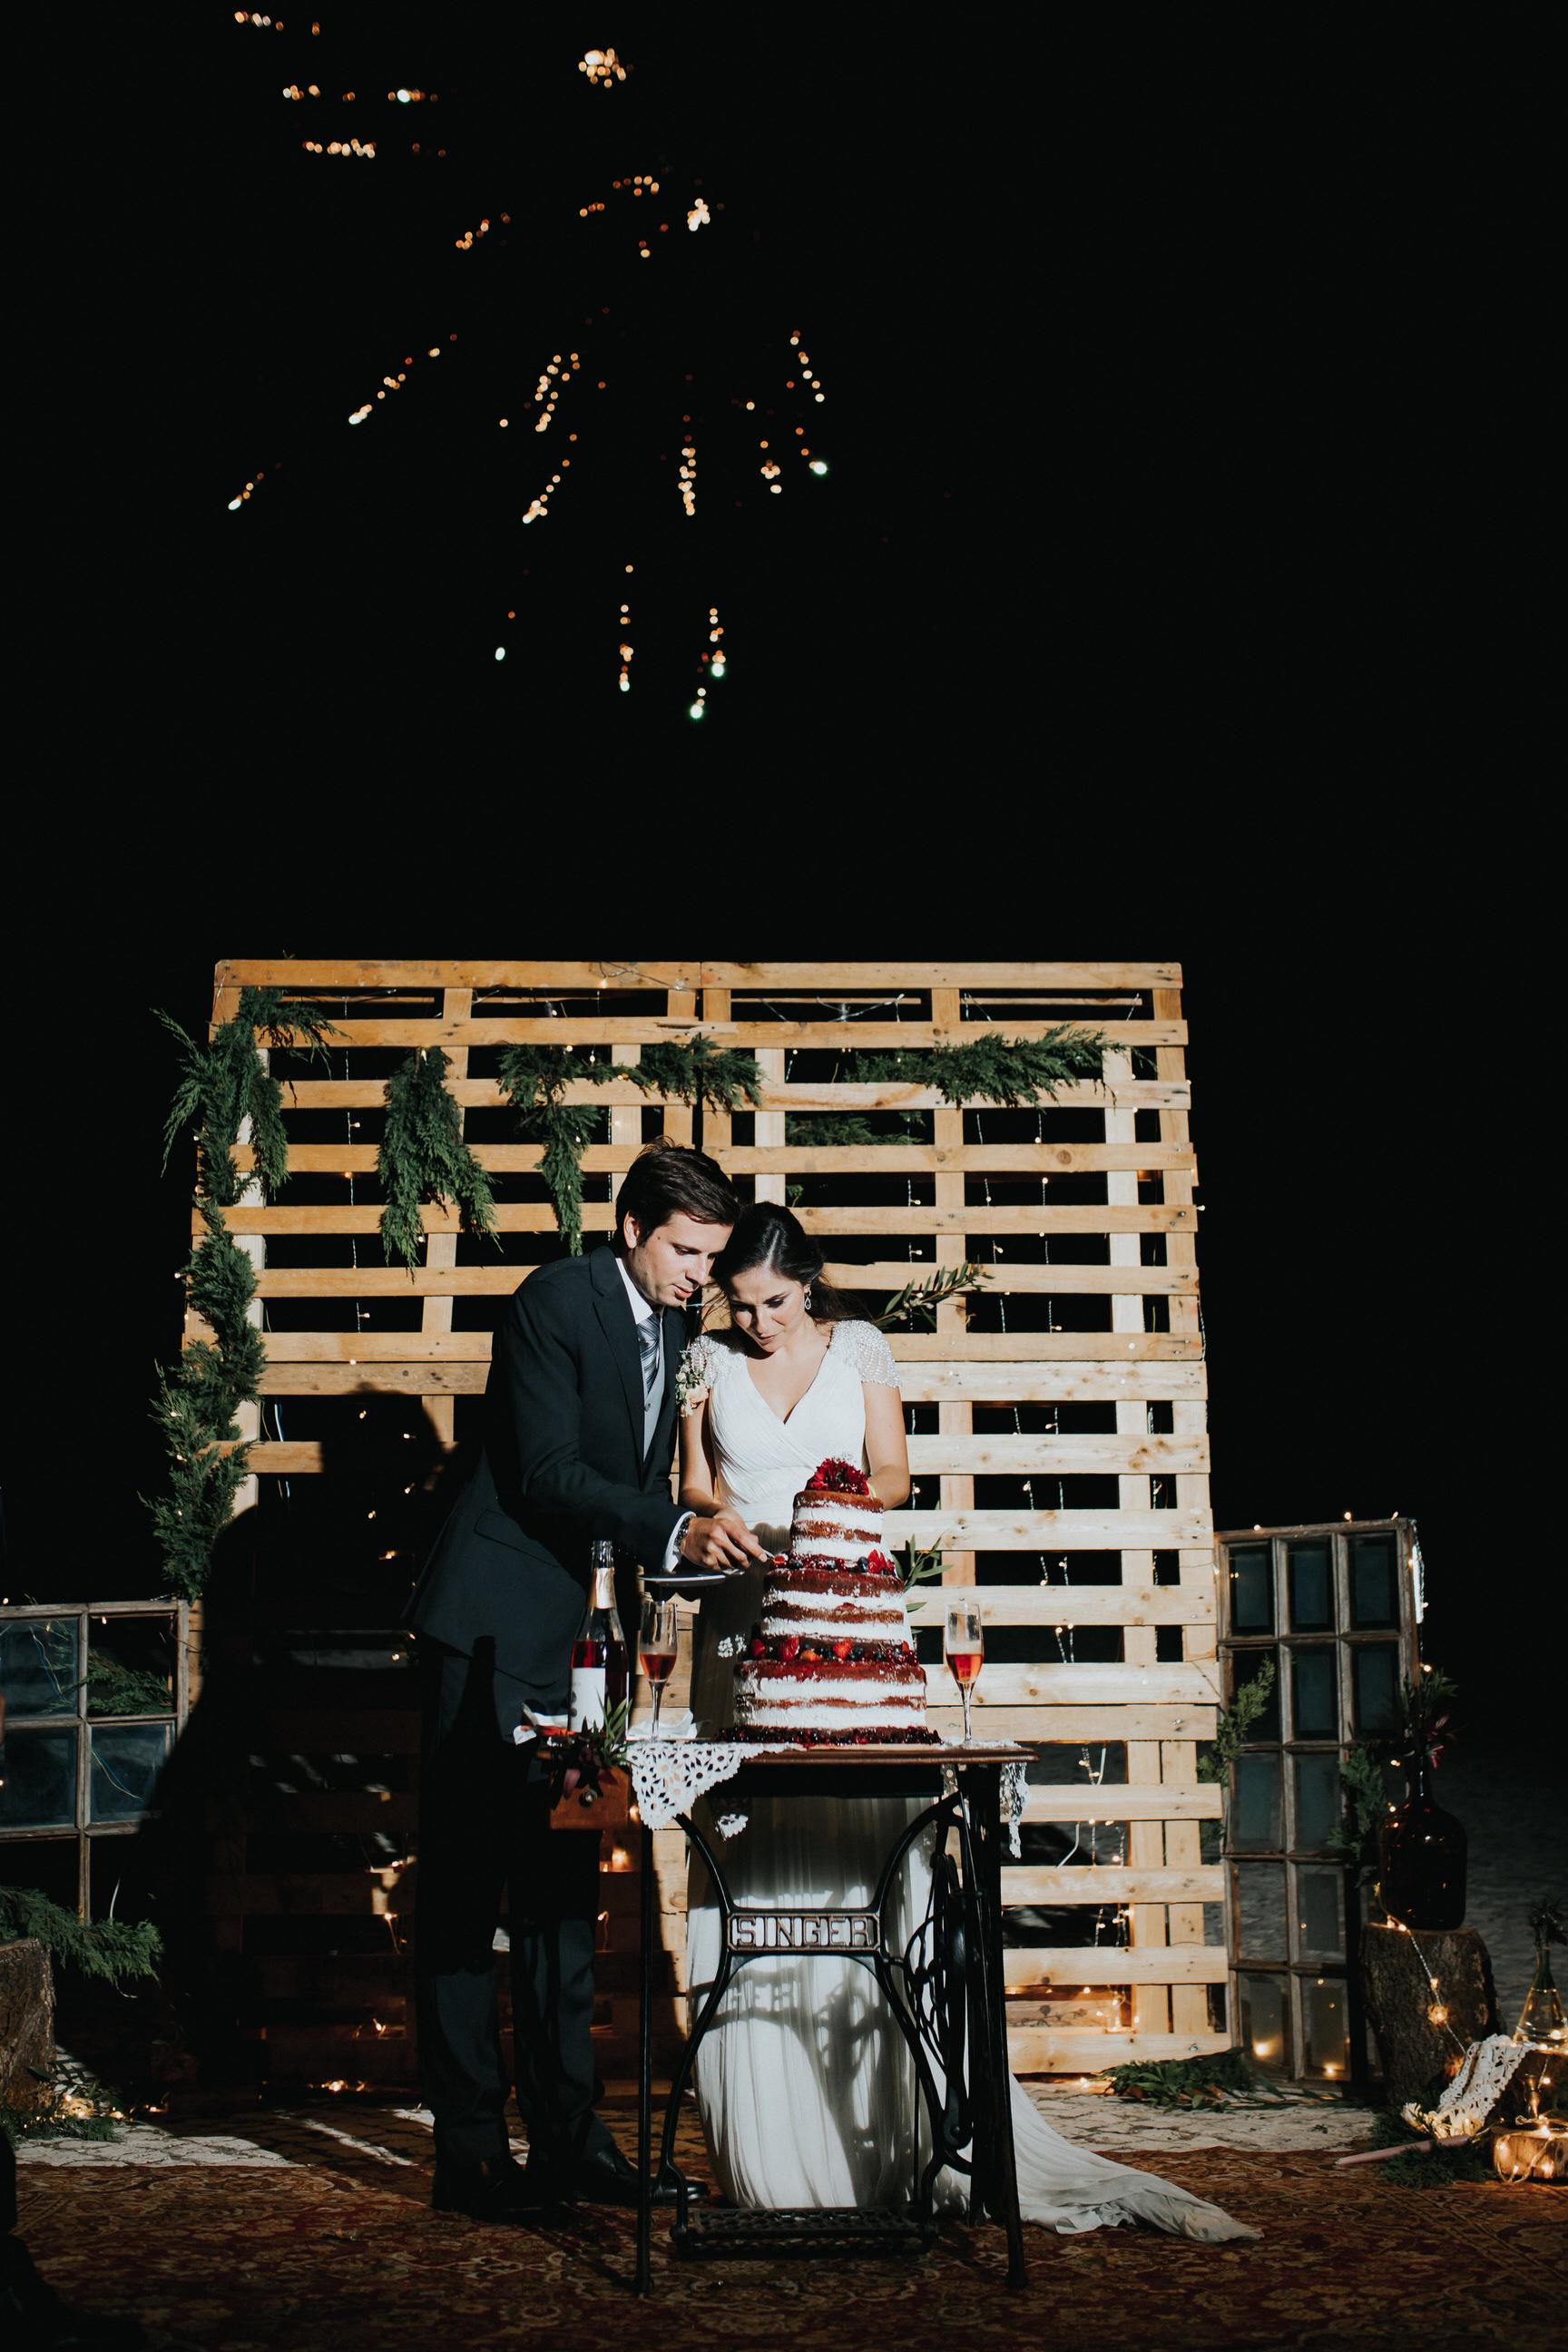 Casamento-Rustico-Bucelas-boho-chic-vestidos-dress-venue-Portugal-wedding-decor-cerimonia-quintas-perto-de-lisboa-sparkles-cake-corte-do-bolo-fireworks-fogo-de-artificio